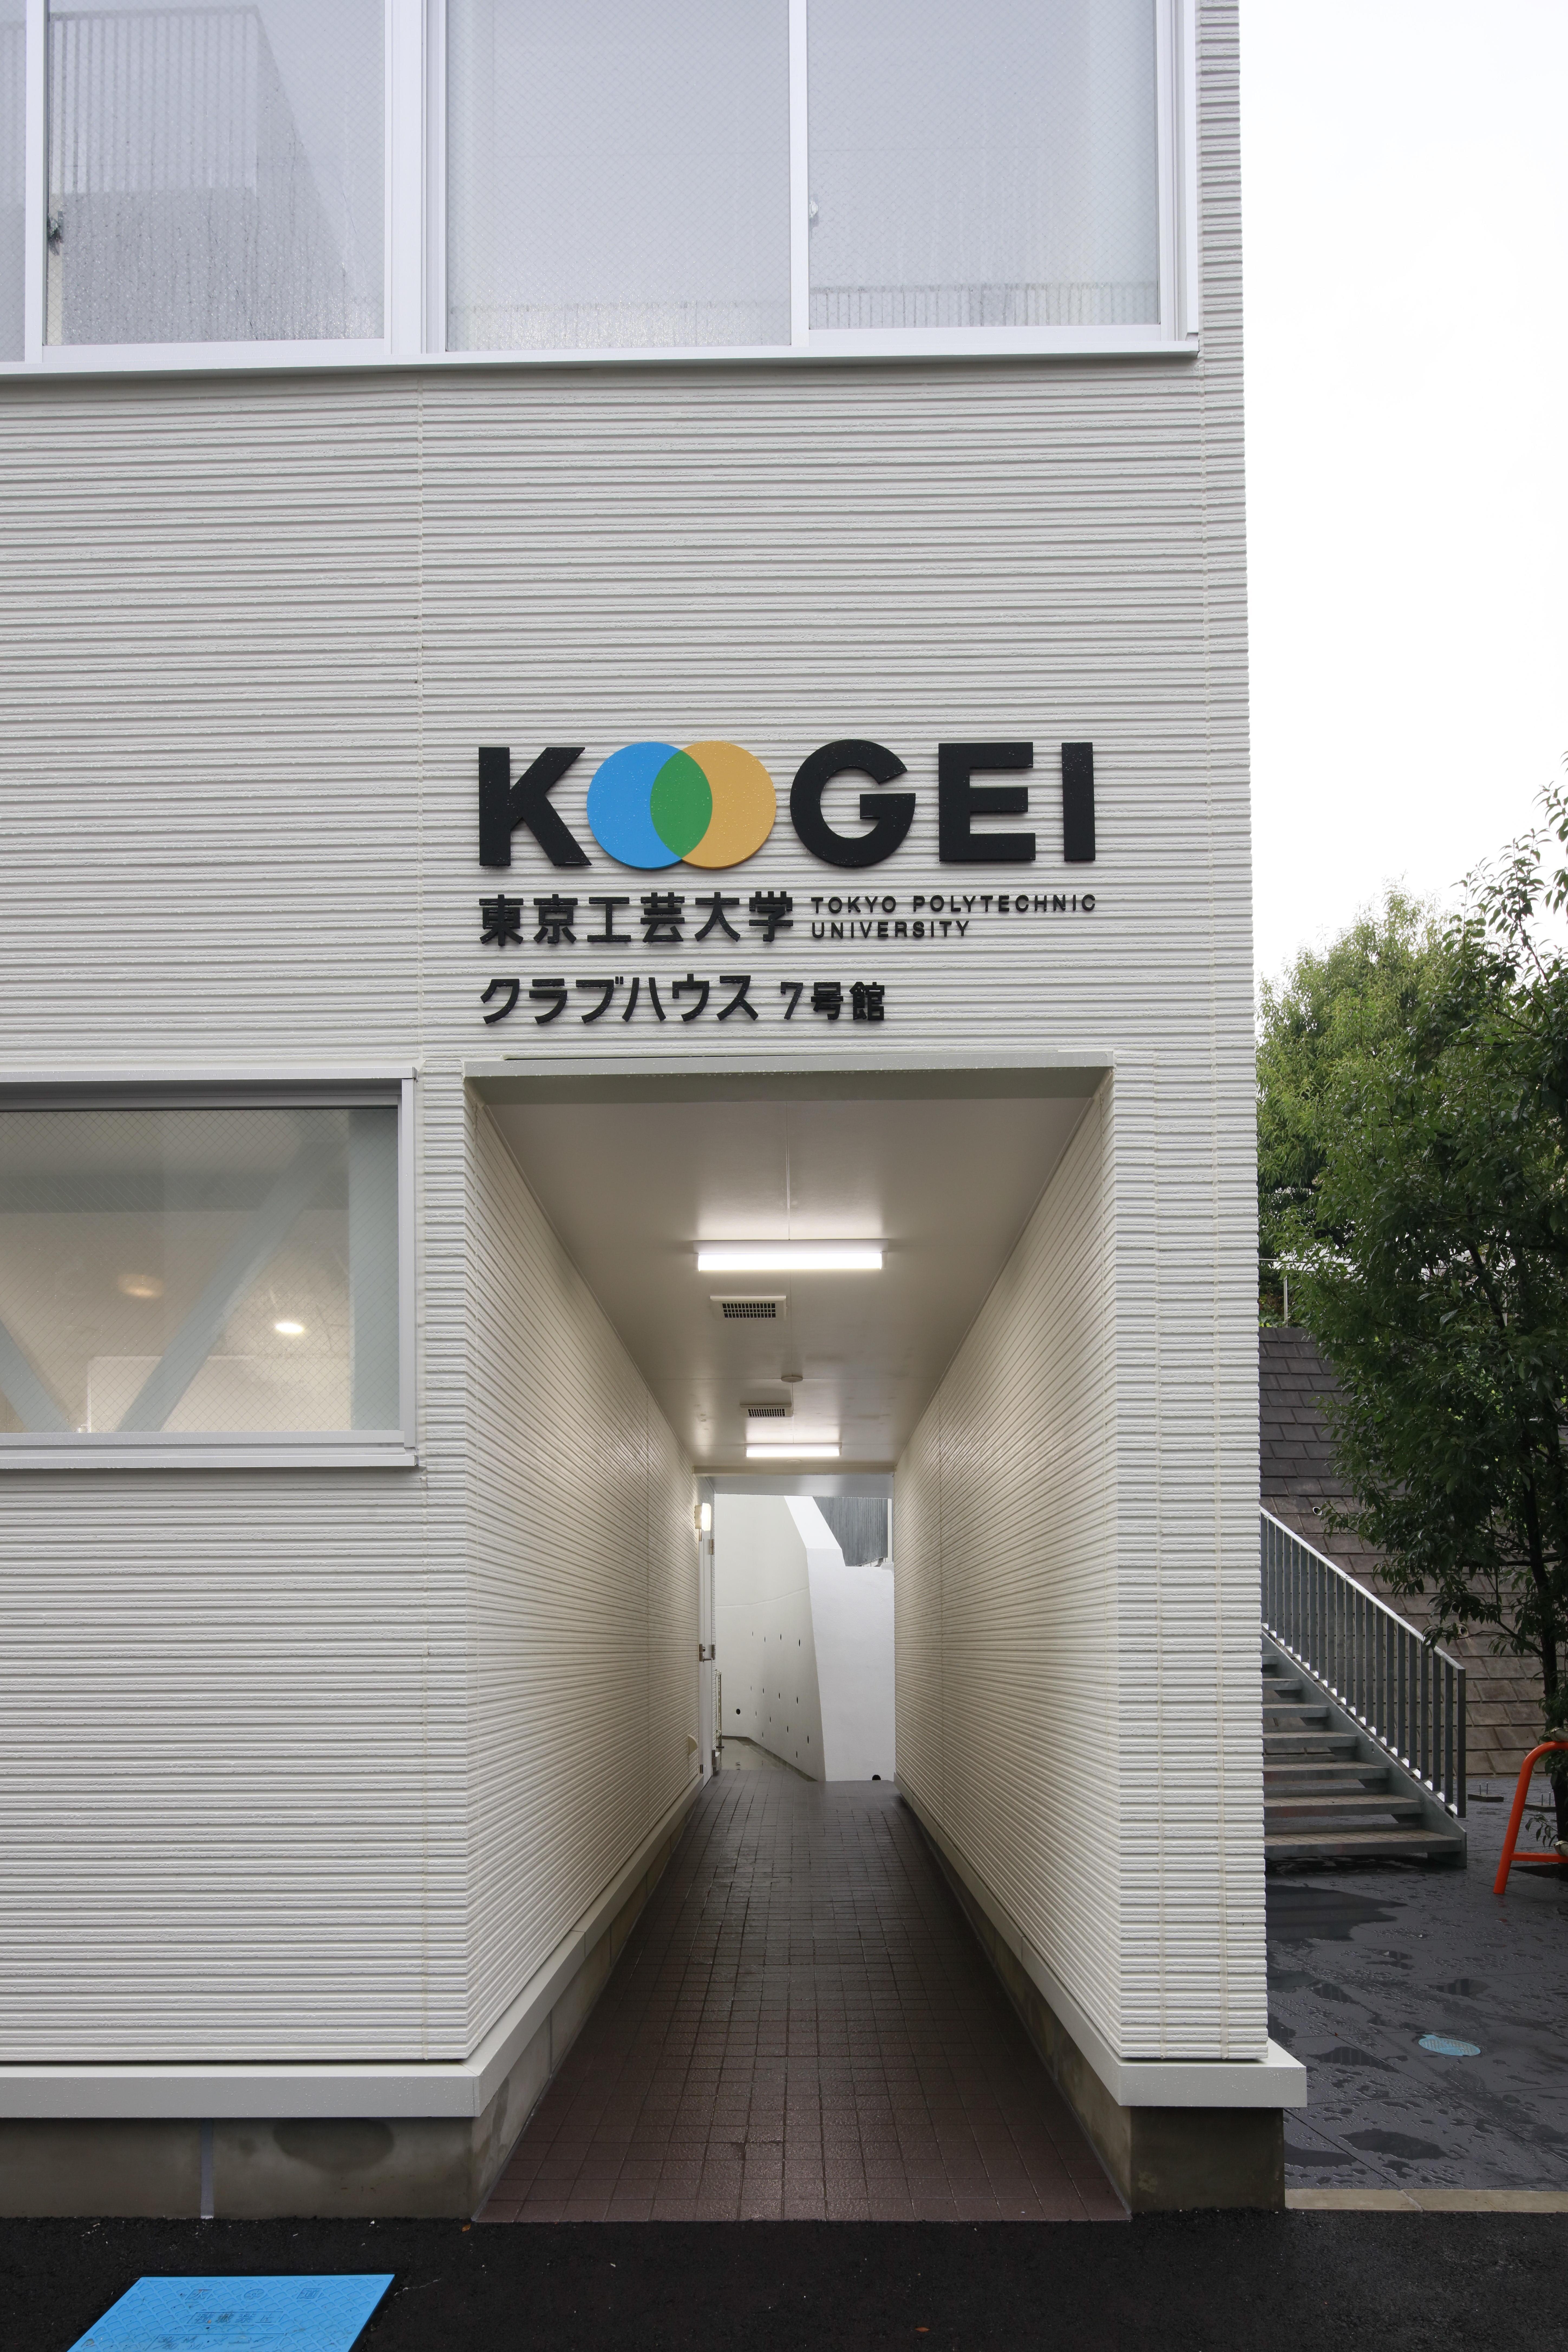 東京工芸大学中野キャンパスにクラブハウス(7号館)が完成 -- 各写真部や演劇部、マンガデザイン研究会などが入居